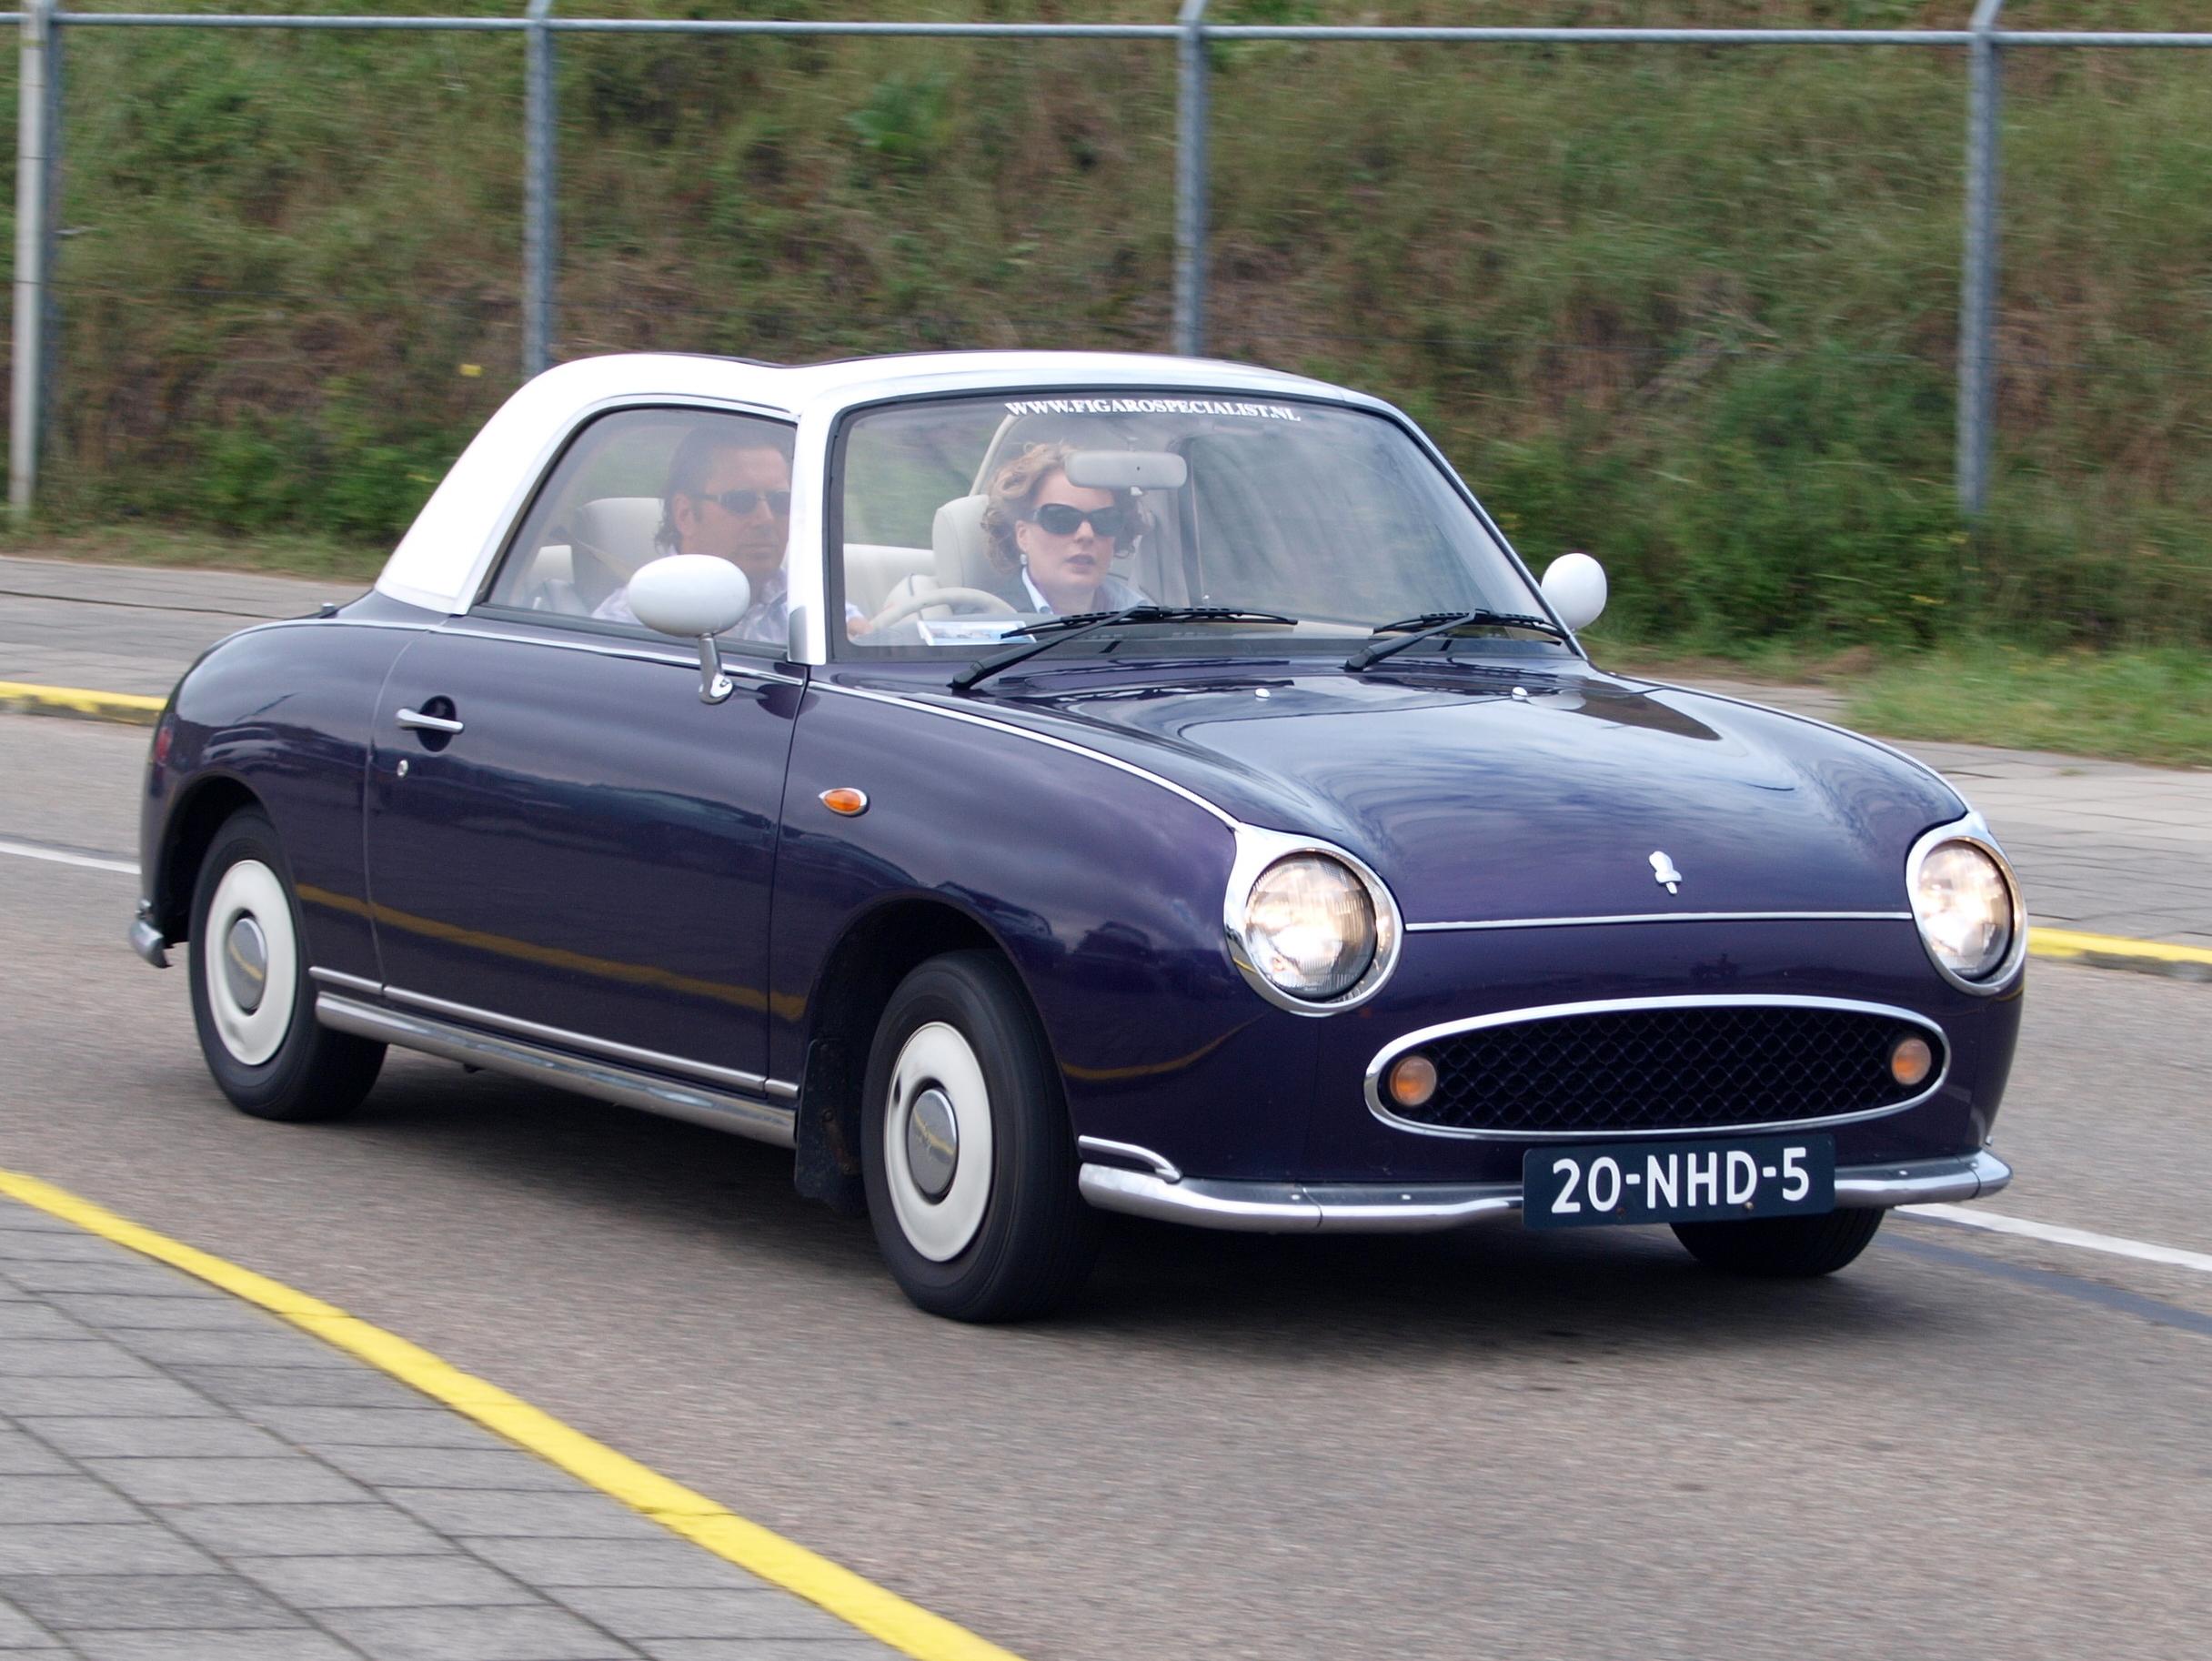 Nissan Work Van >> File:Nationale oldtimerdag Zandvoort 2010, 1991 NISSAN FIGARO, 20-HND-5.JPG - Wikimedia Commons